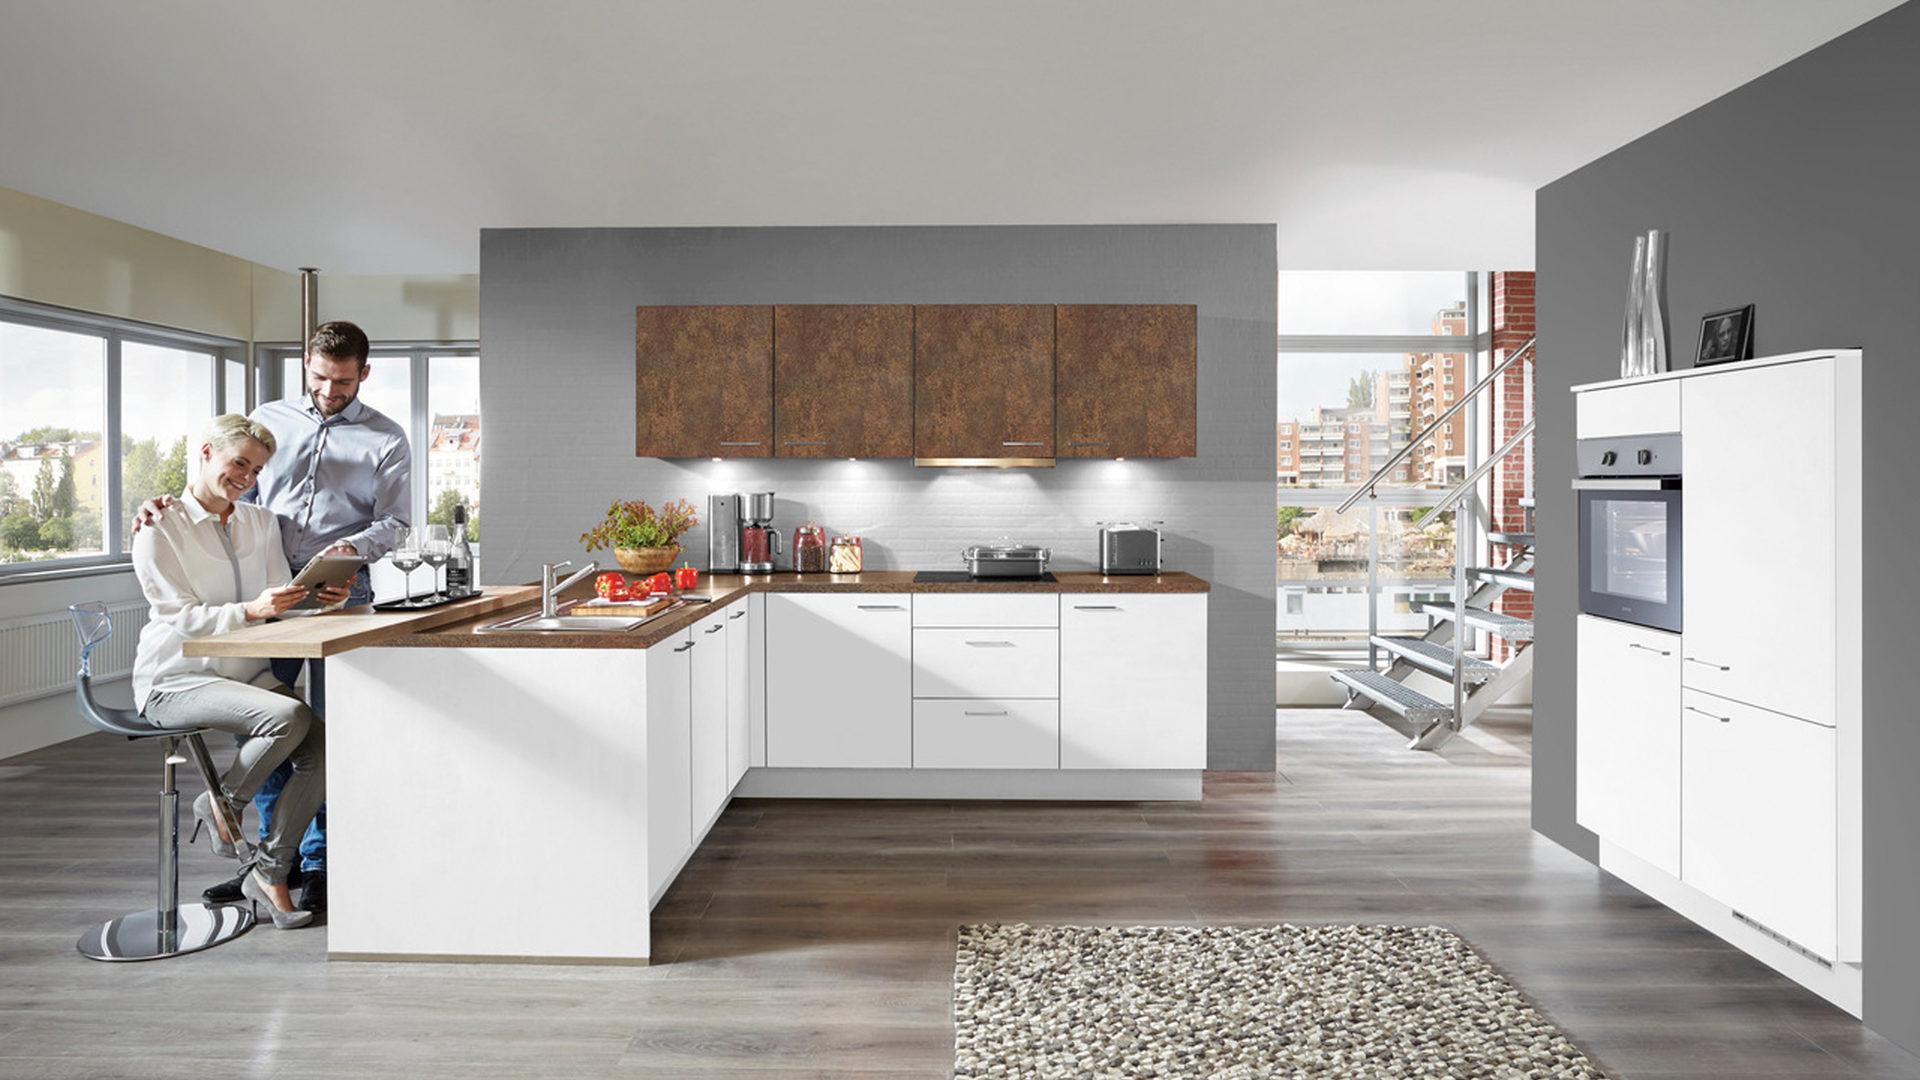 Wohnland Breitwieser , Möbel A-Z, Küchen, Einbauküche, Einbauküche ...